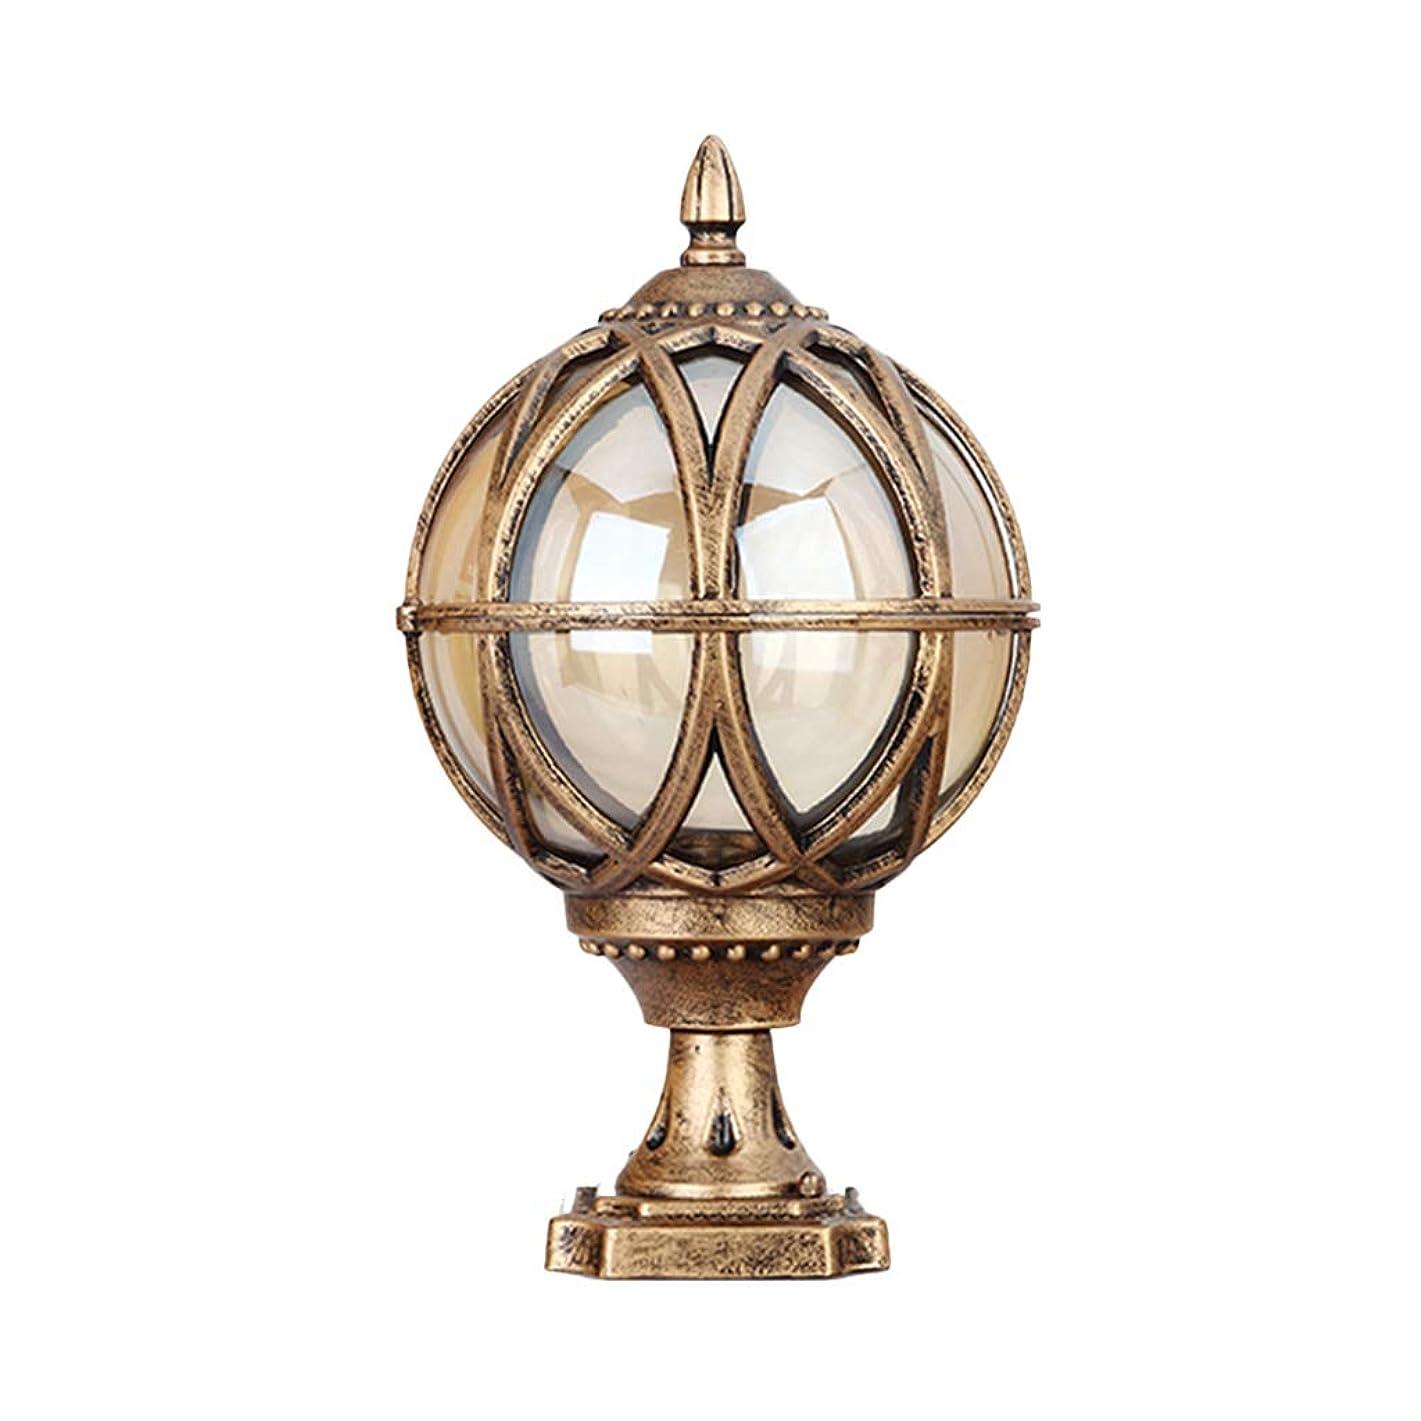 タール癒すの量柱ランプ屋外防水壁ランプ通りLEDランプバルコニーガーデンボールランプヴィラ中庭列ランプ (Color : Gold, Size : 17.5*17.5*32cm)